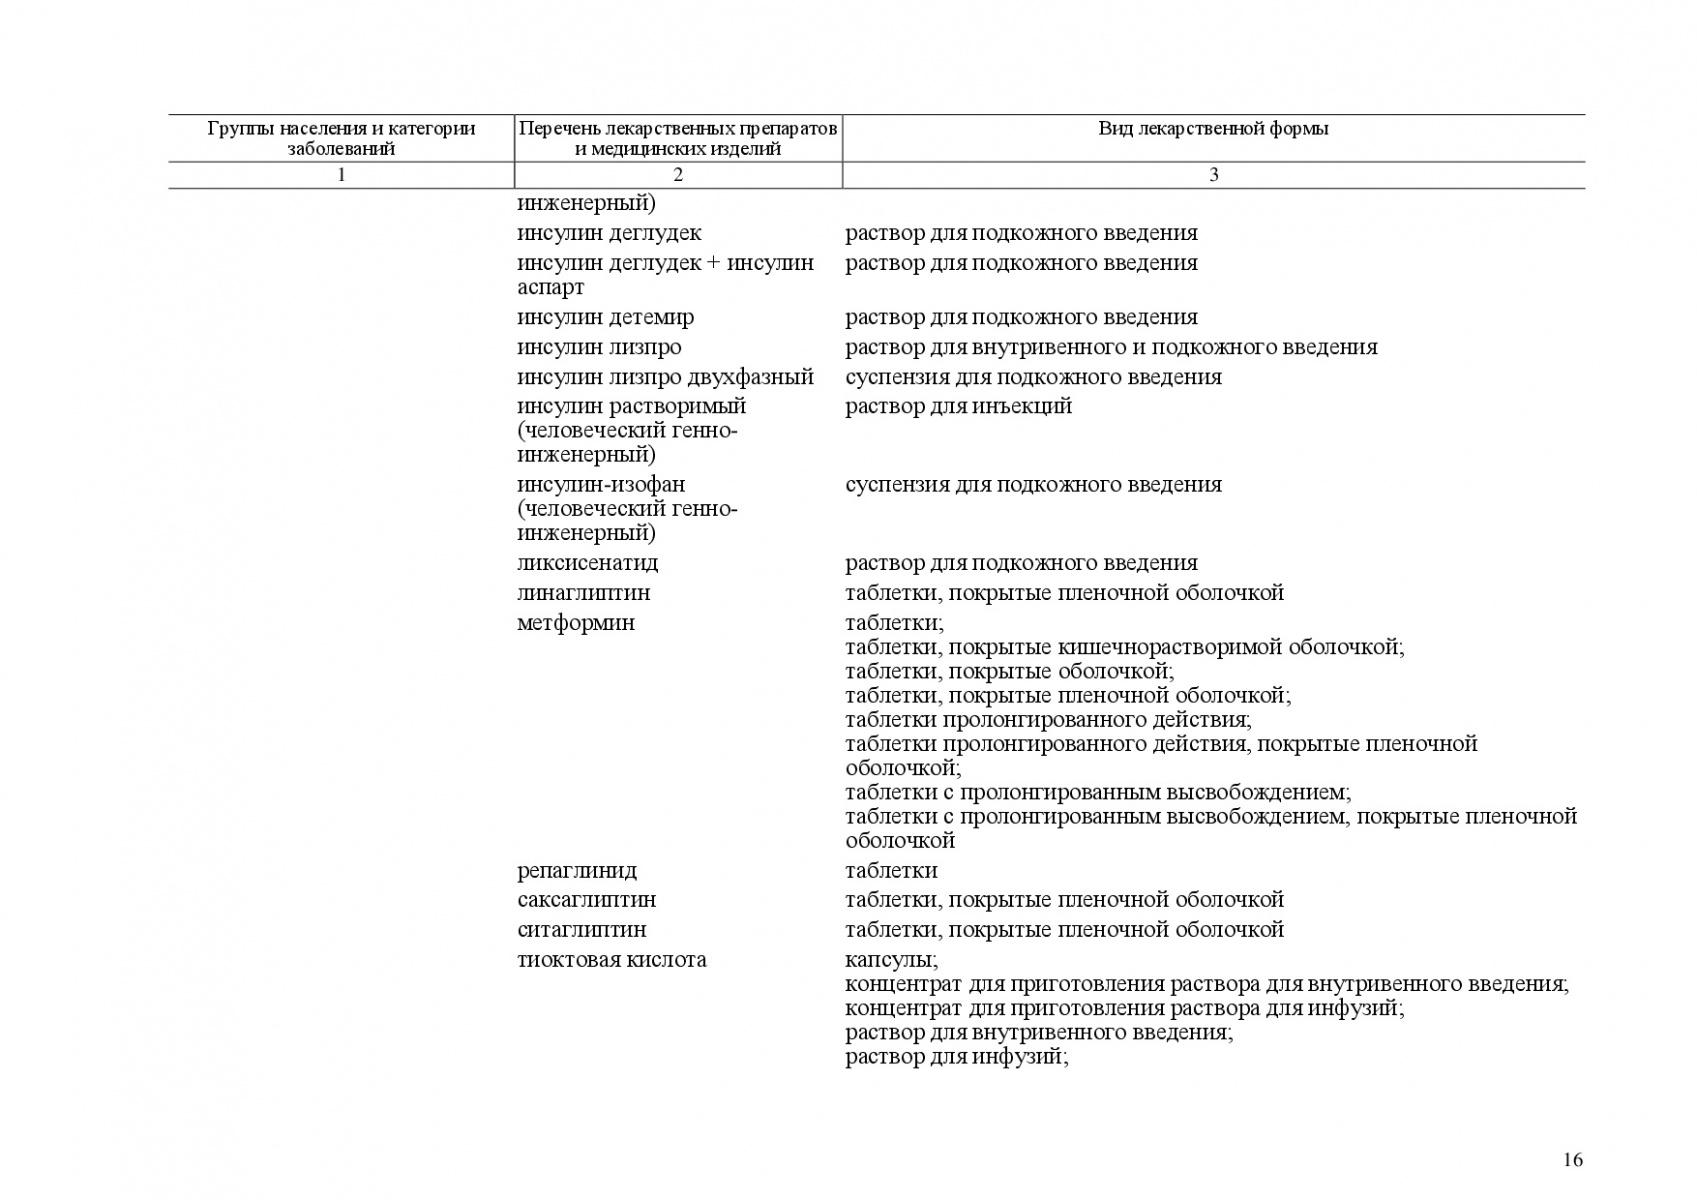 Prilozhenie-6-127-OD-016